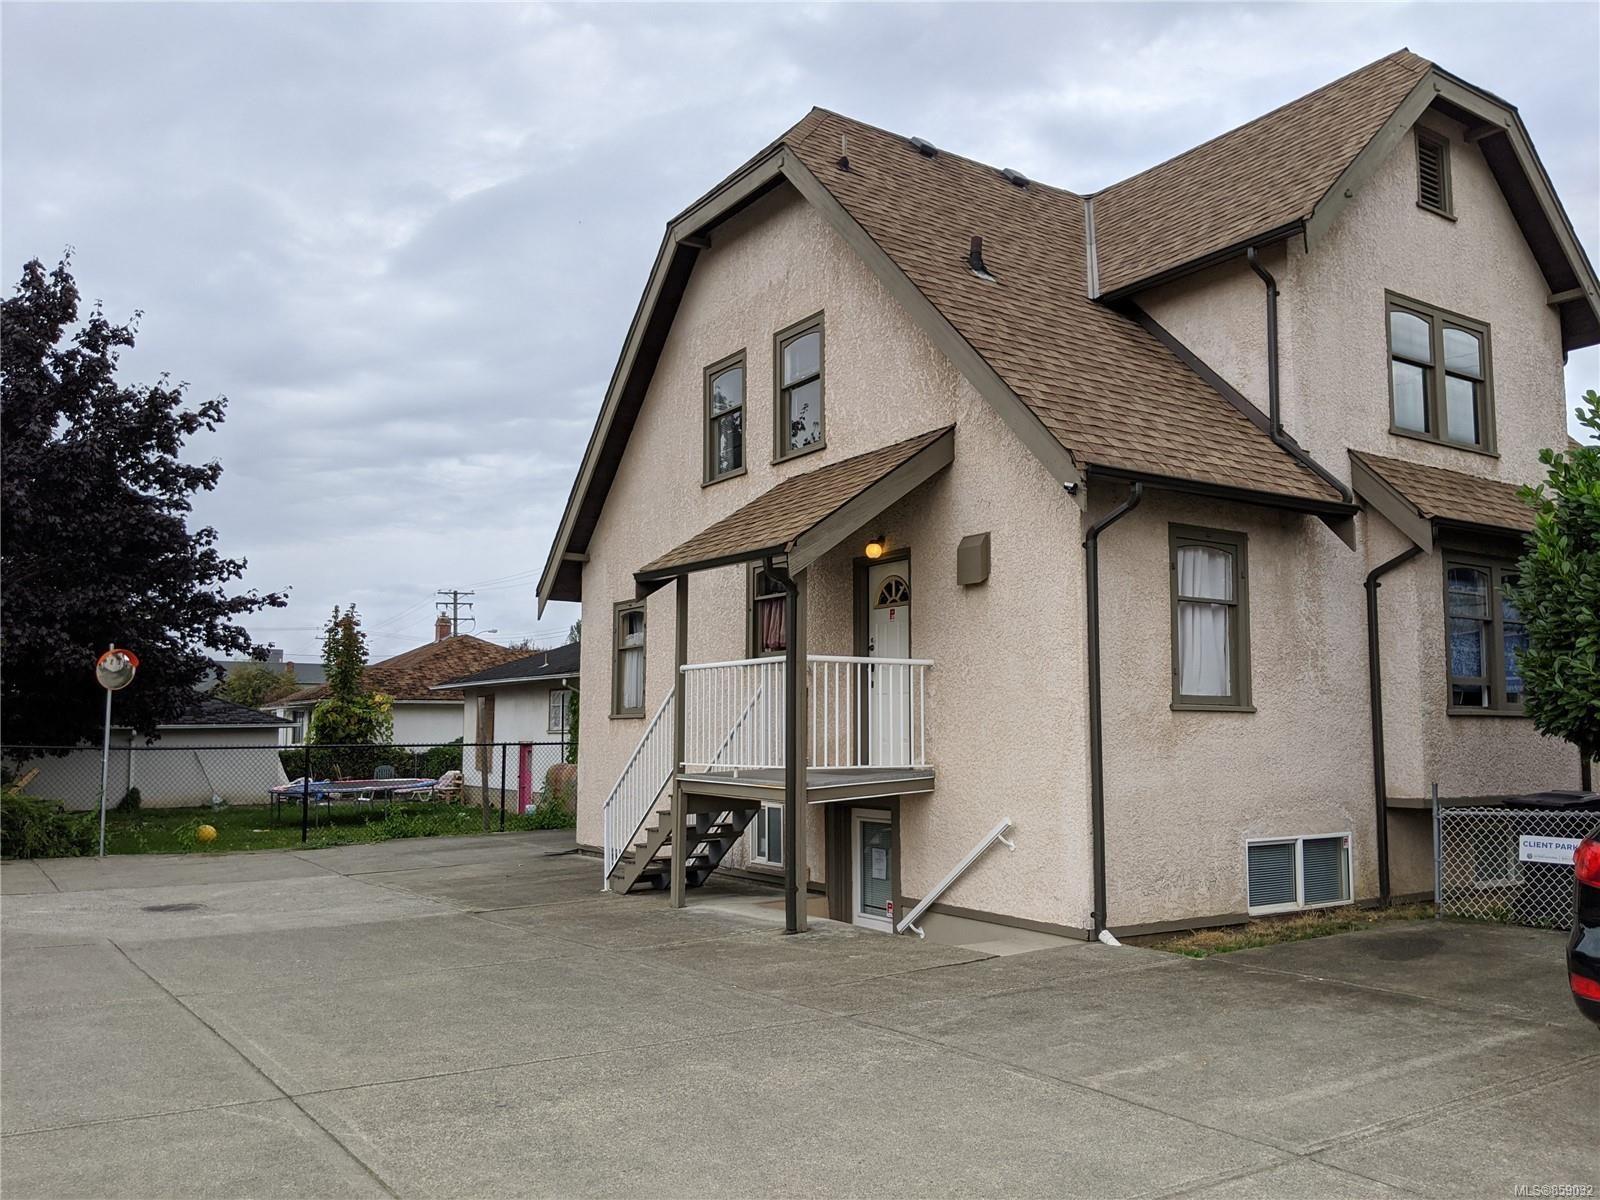 Photo 3: Photos: 331 St. Julian St in : Du West Duncan Office for sale (Duncan)  : MLS®# 859032